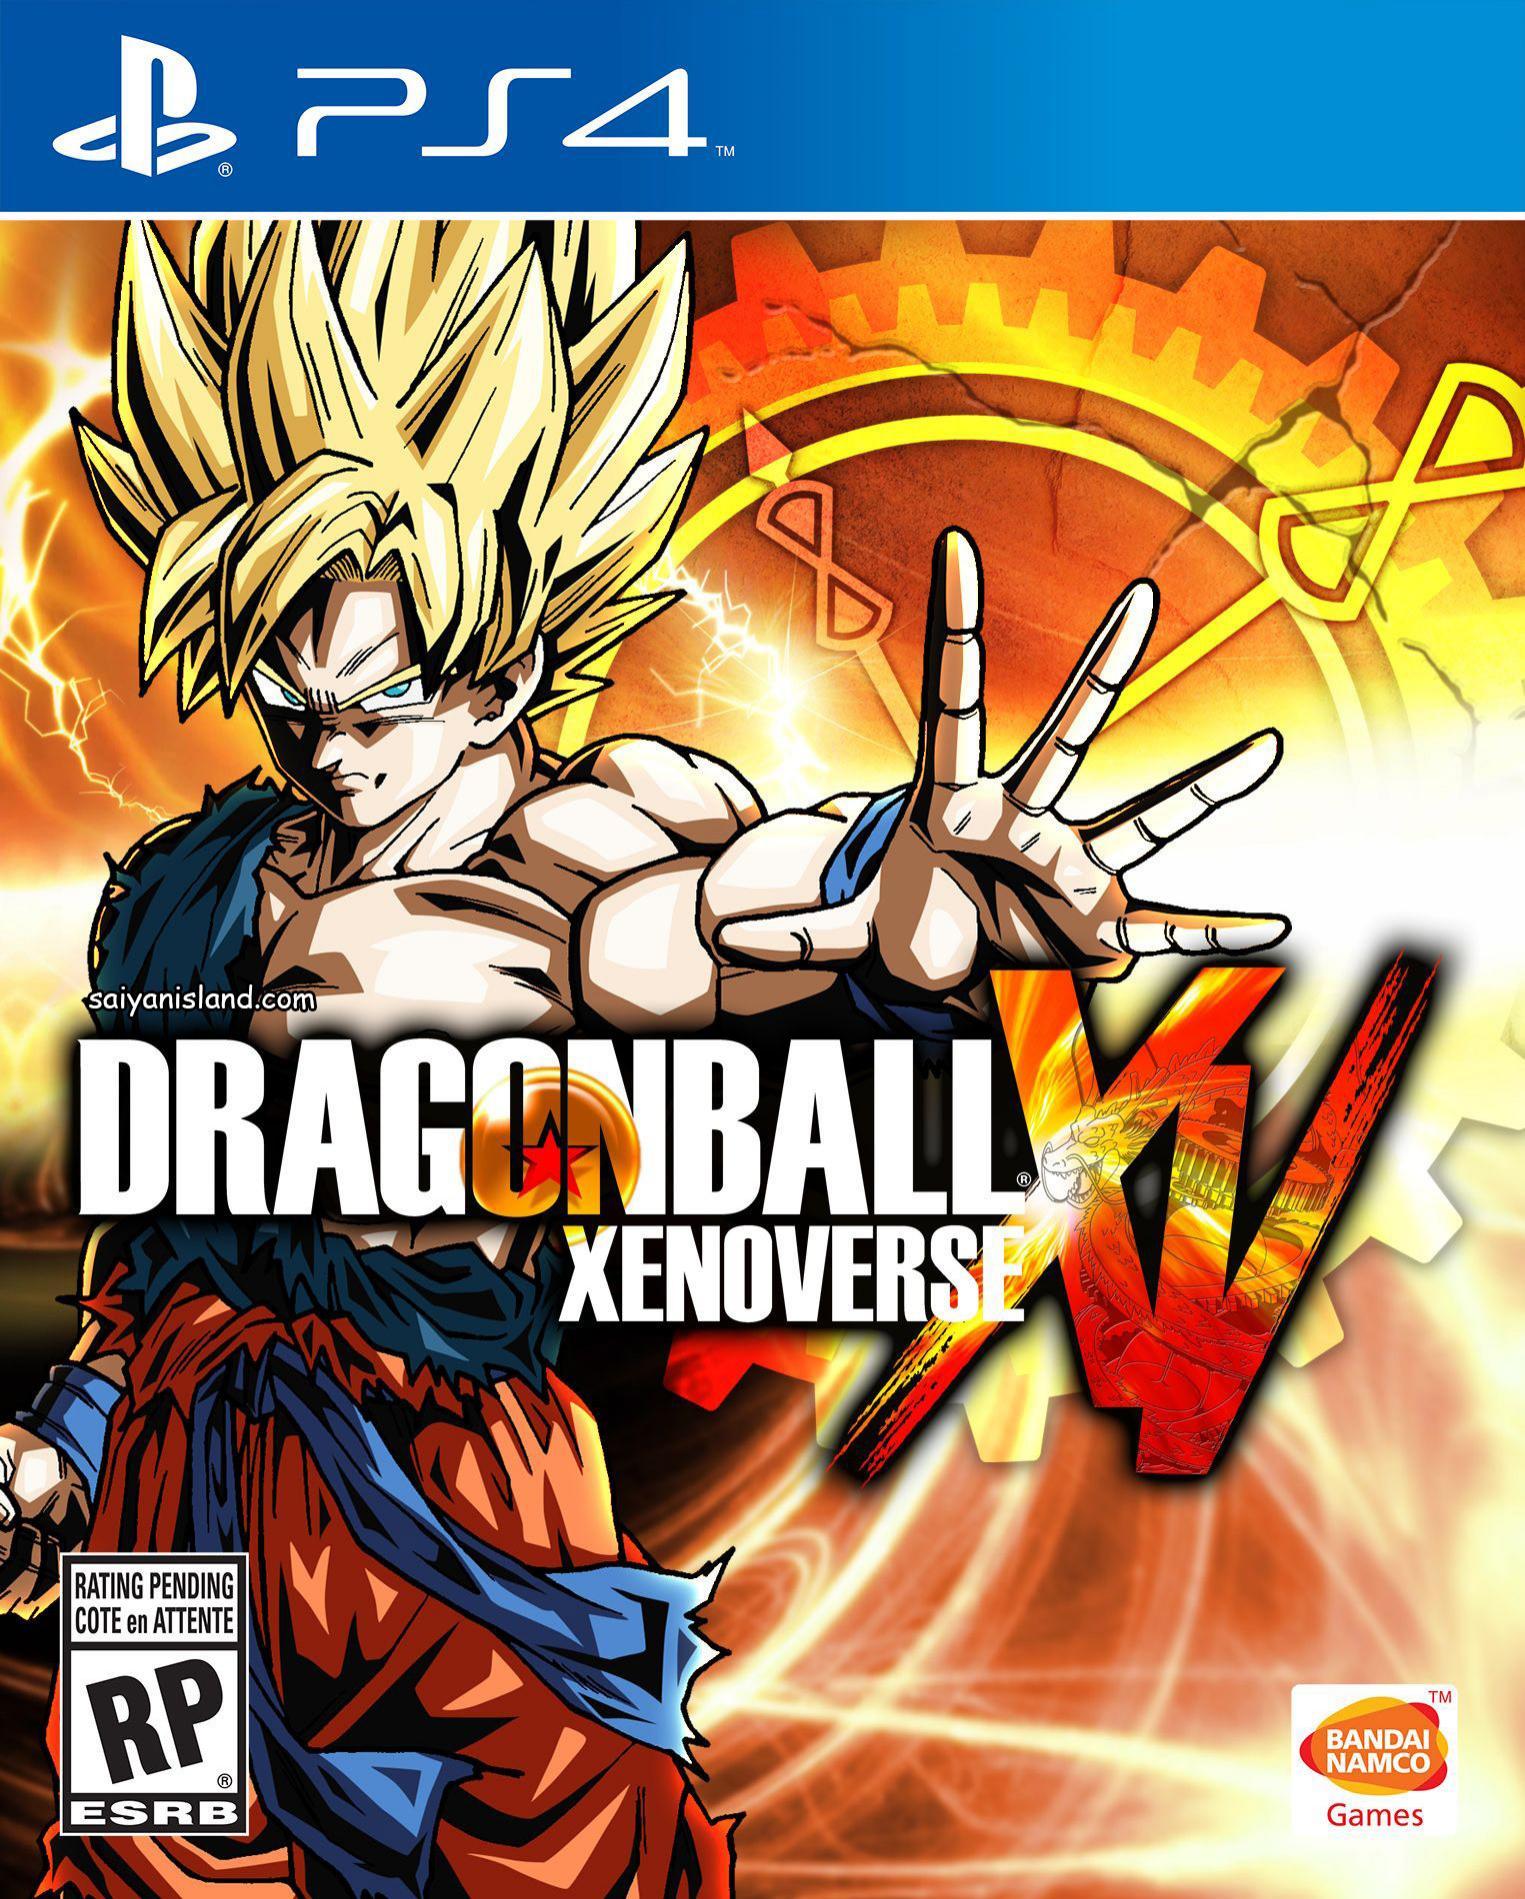 Sélection de jeux vidéo Bandai Namco en promotion - Ex : Dragon Ball Xenoverse sur PS4